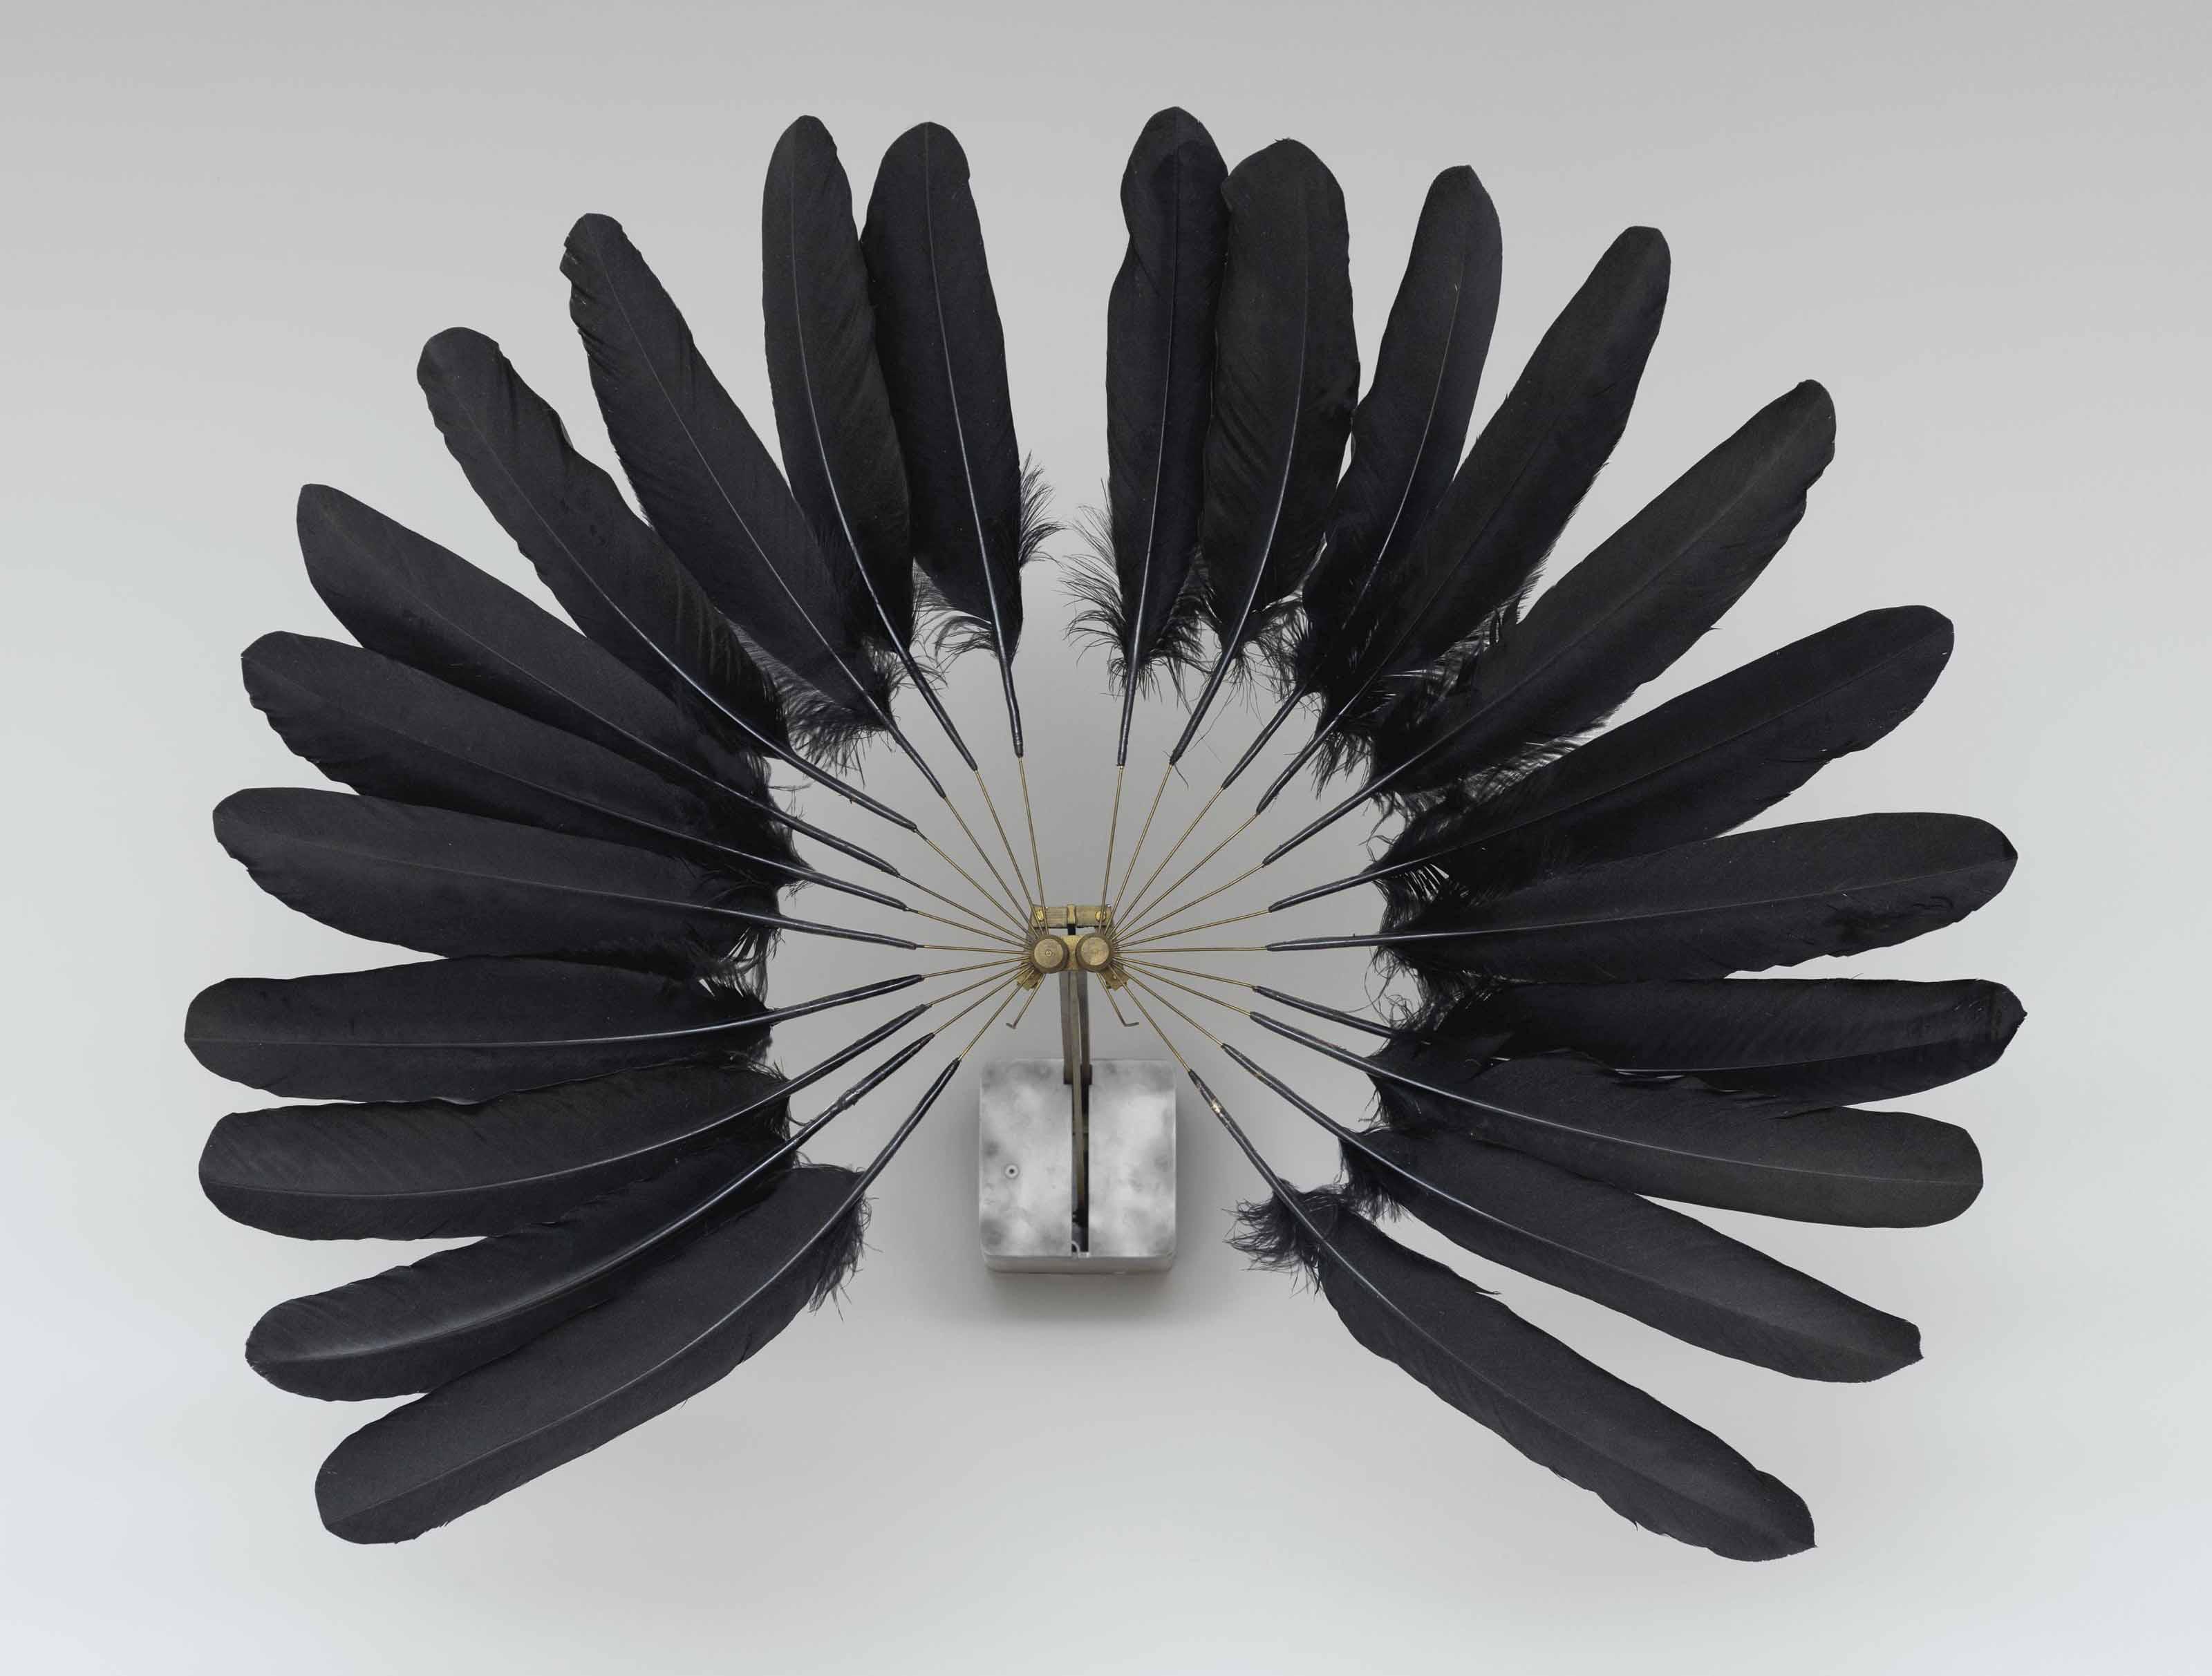 Die Kleine Witwe, Schwarzer Federflügel (The Little Widow, Black Feathers)